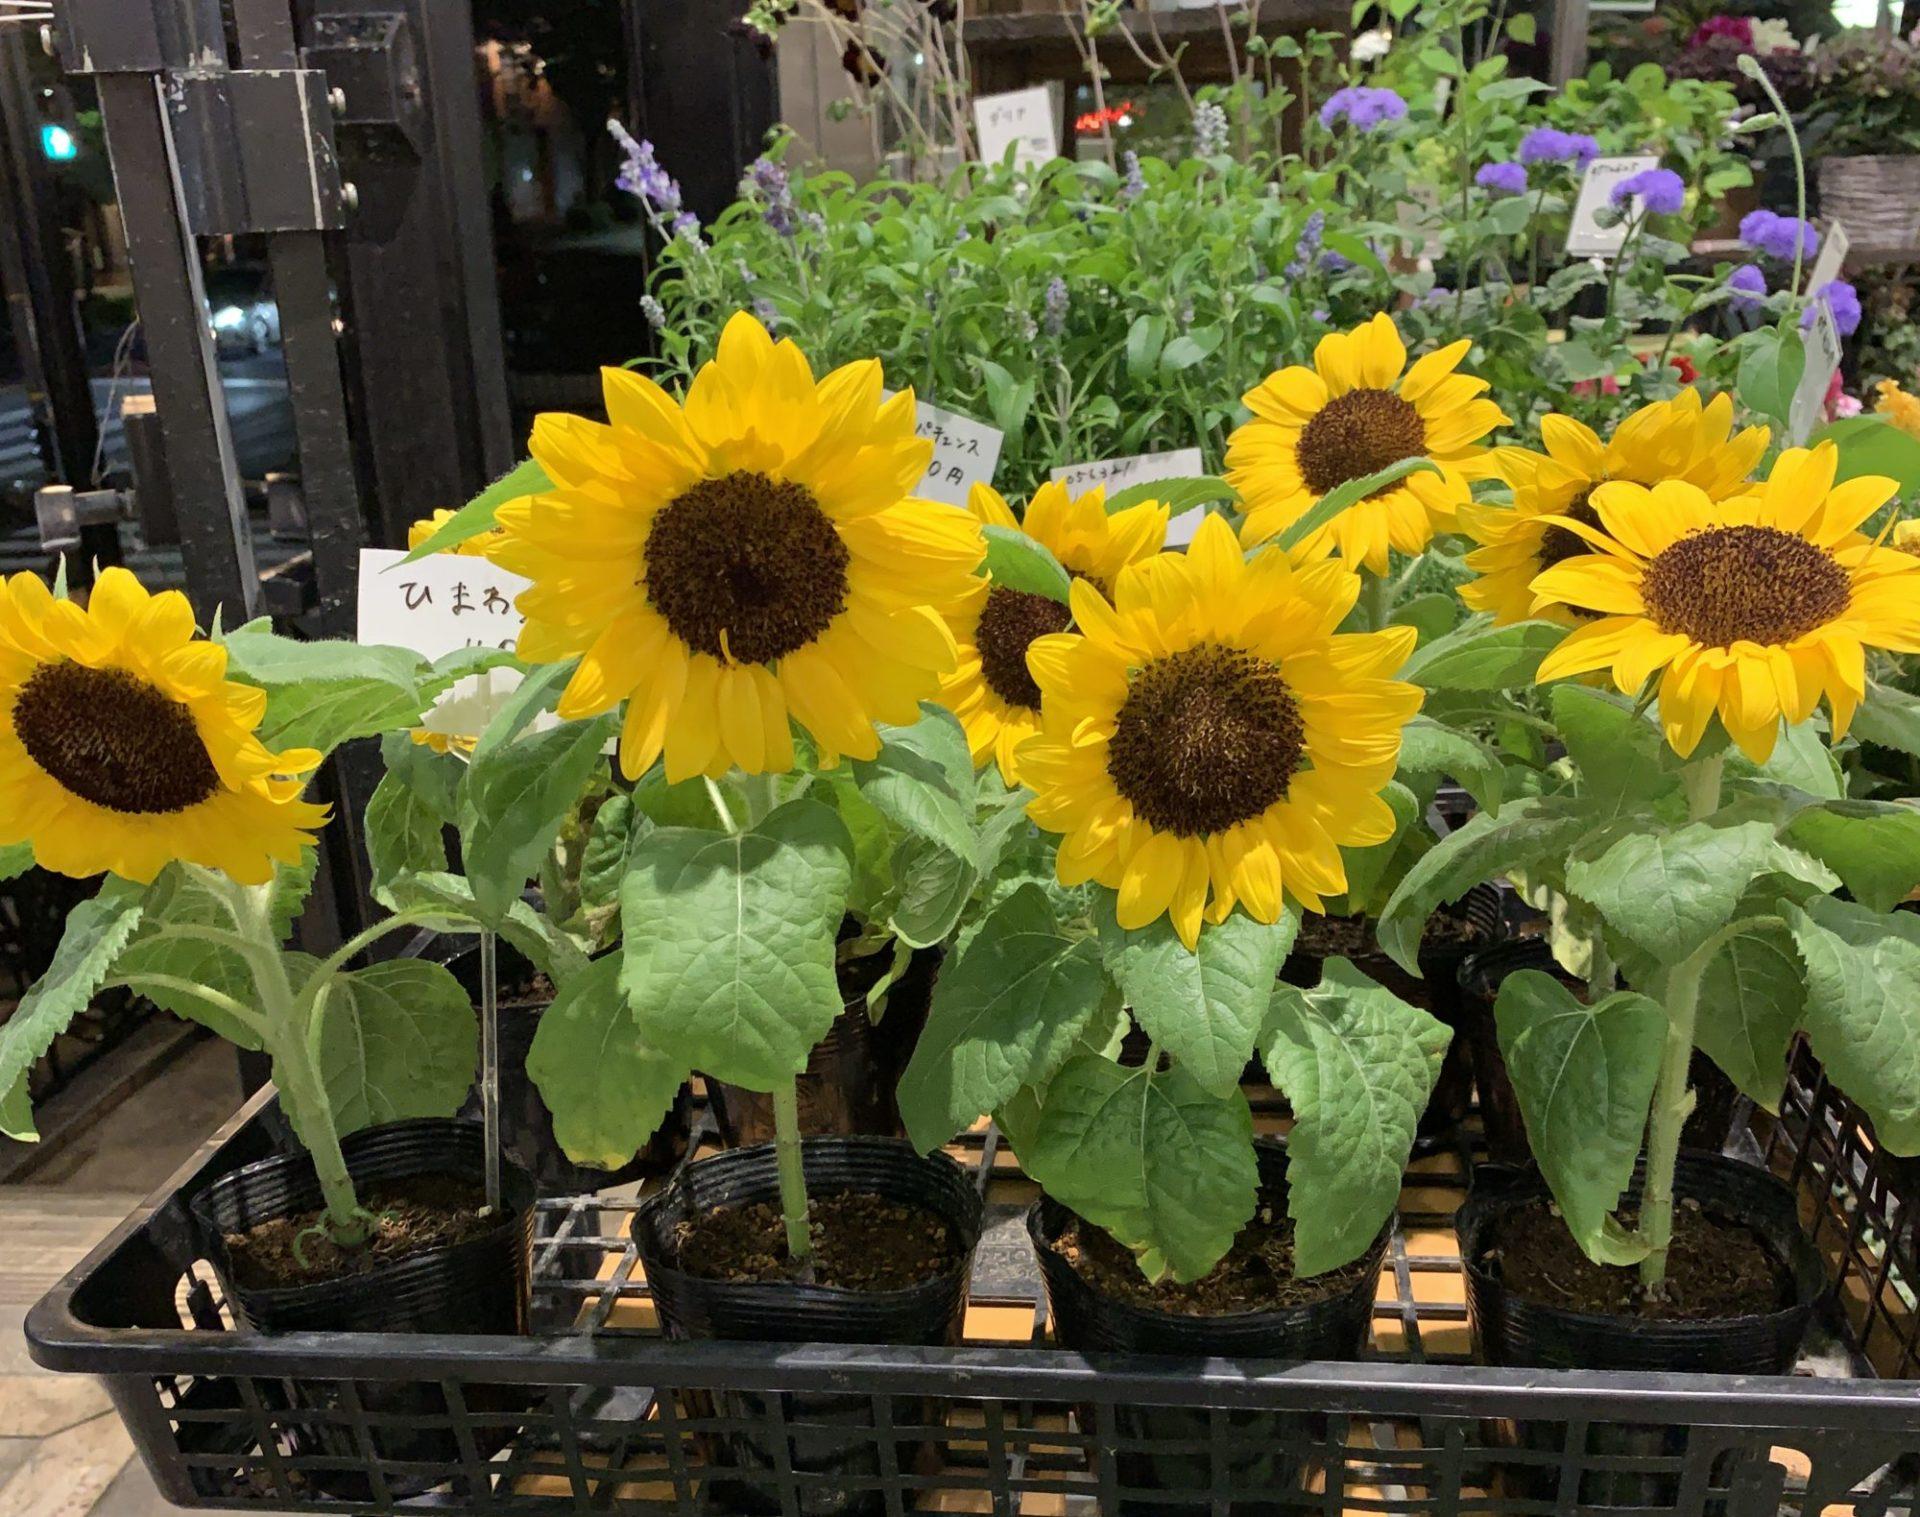 春から夏へ花屋さんの店先の花も淡い入りから夏の鮮やかな色へと変わってきました。